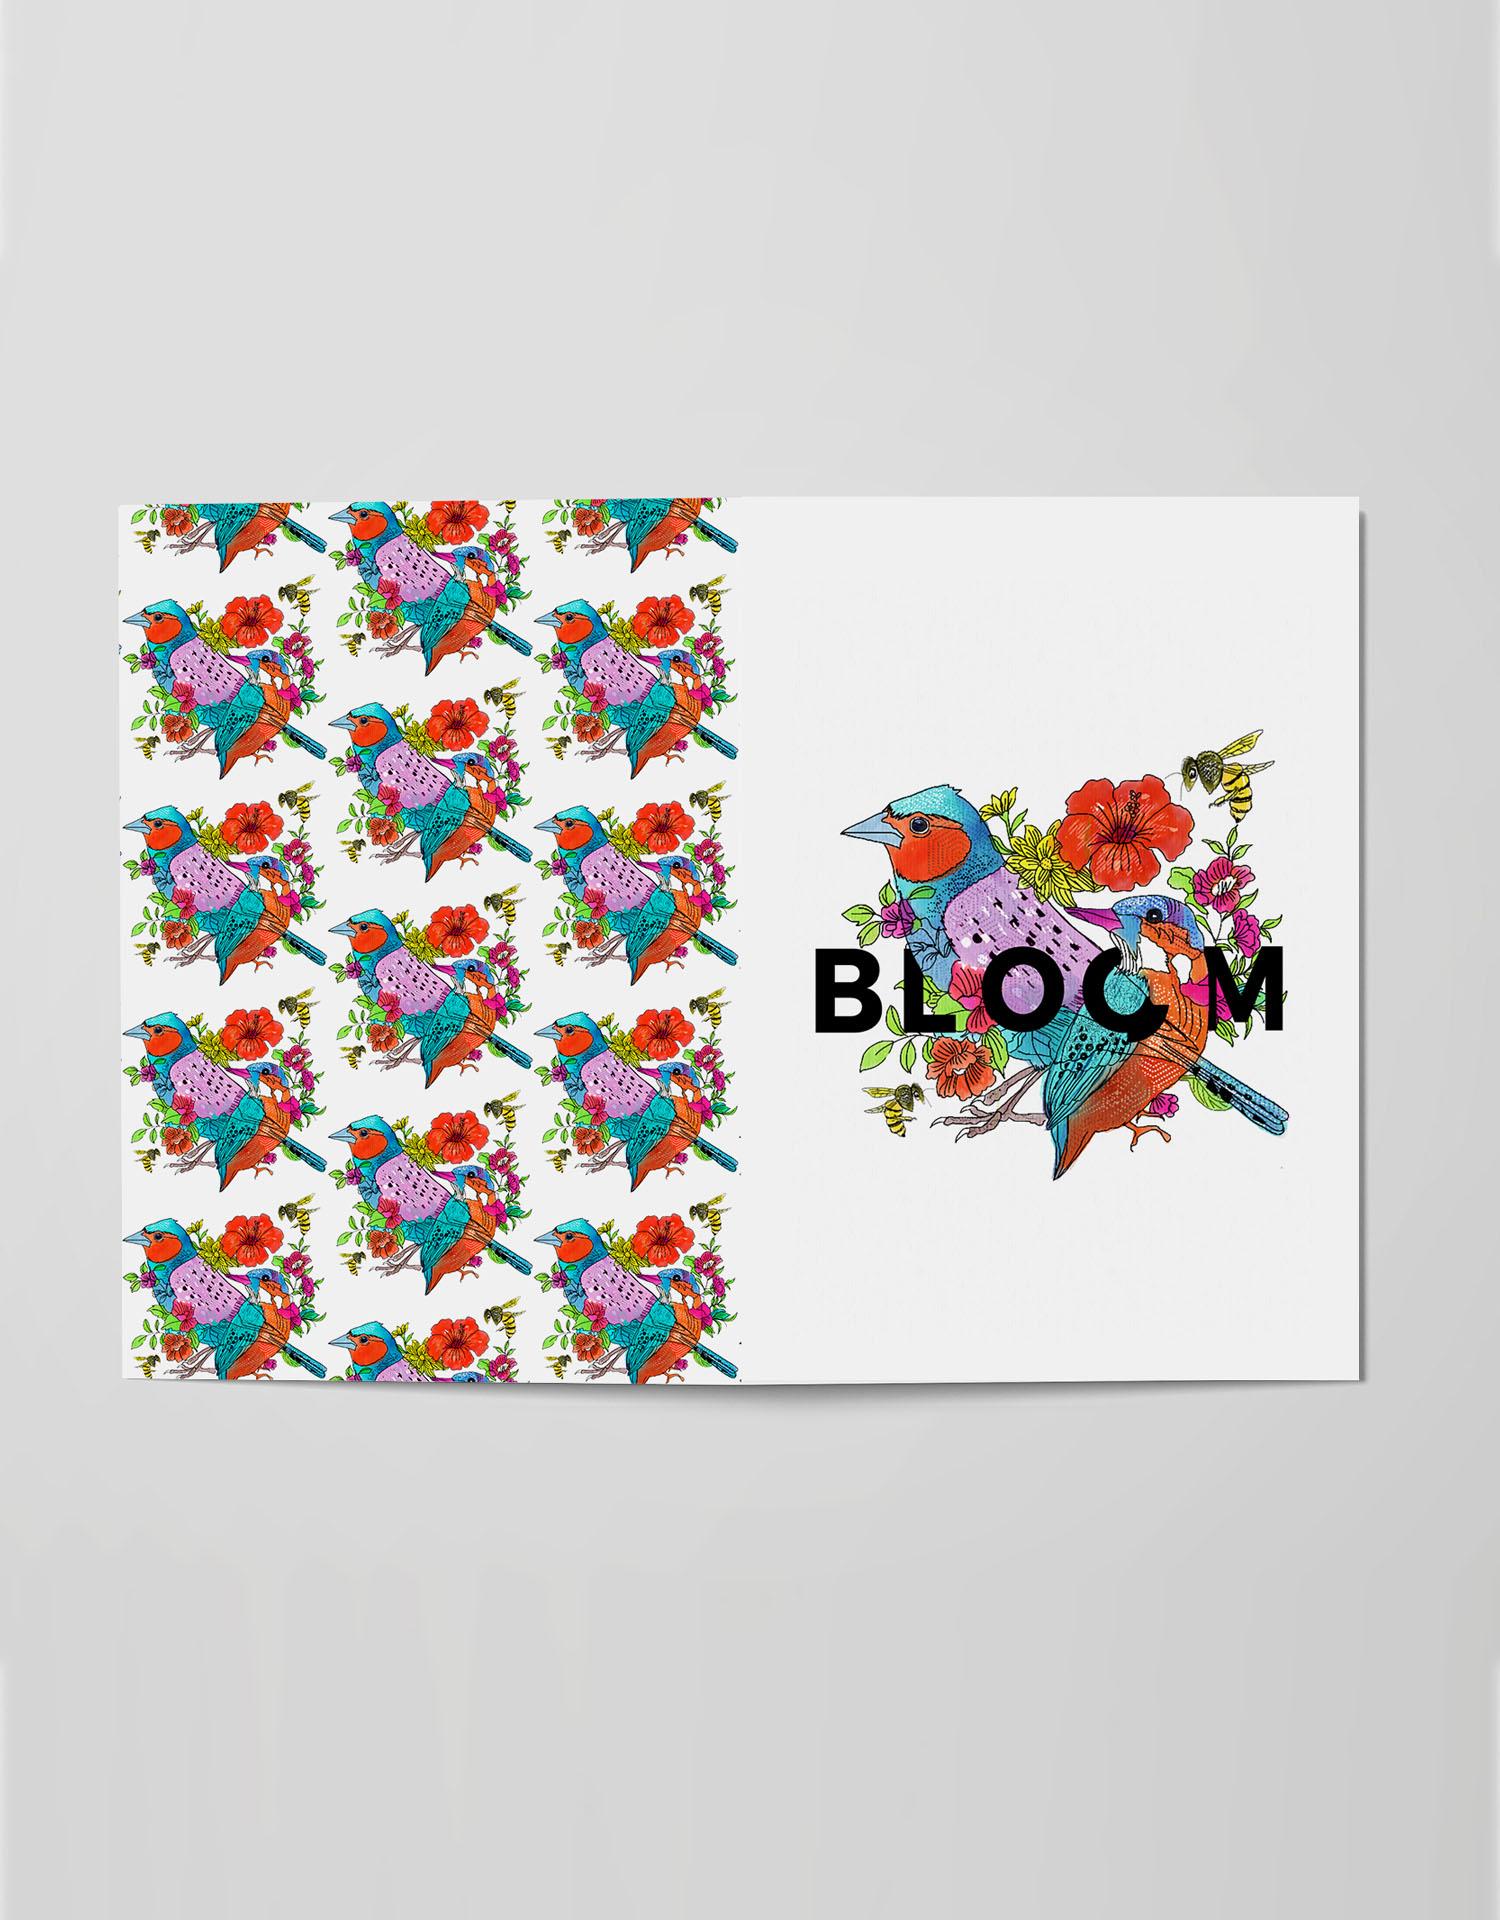 bloomcard2.jpg